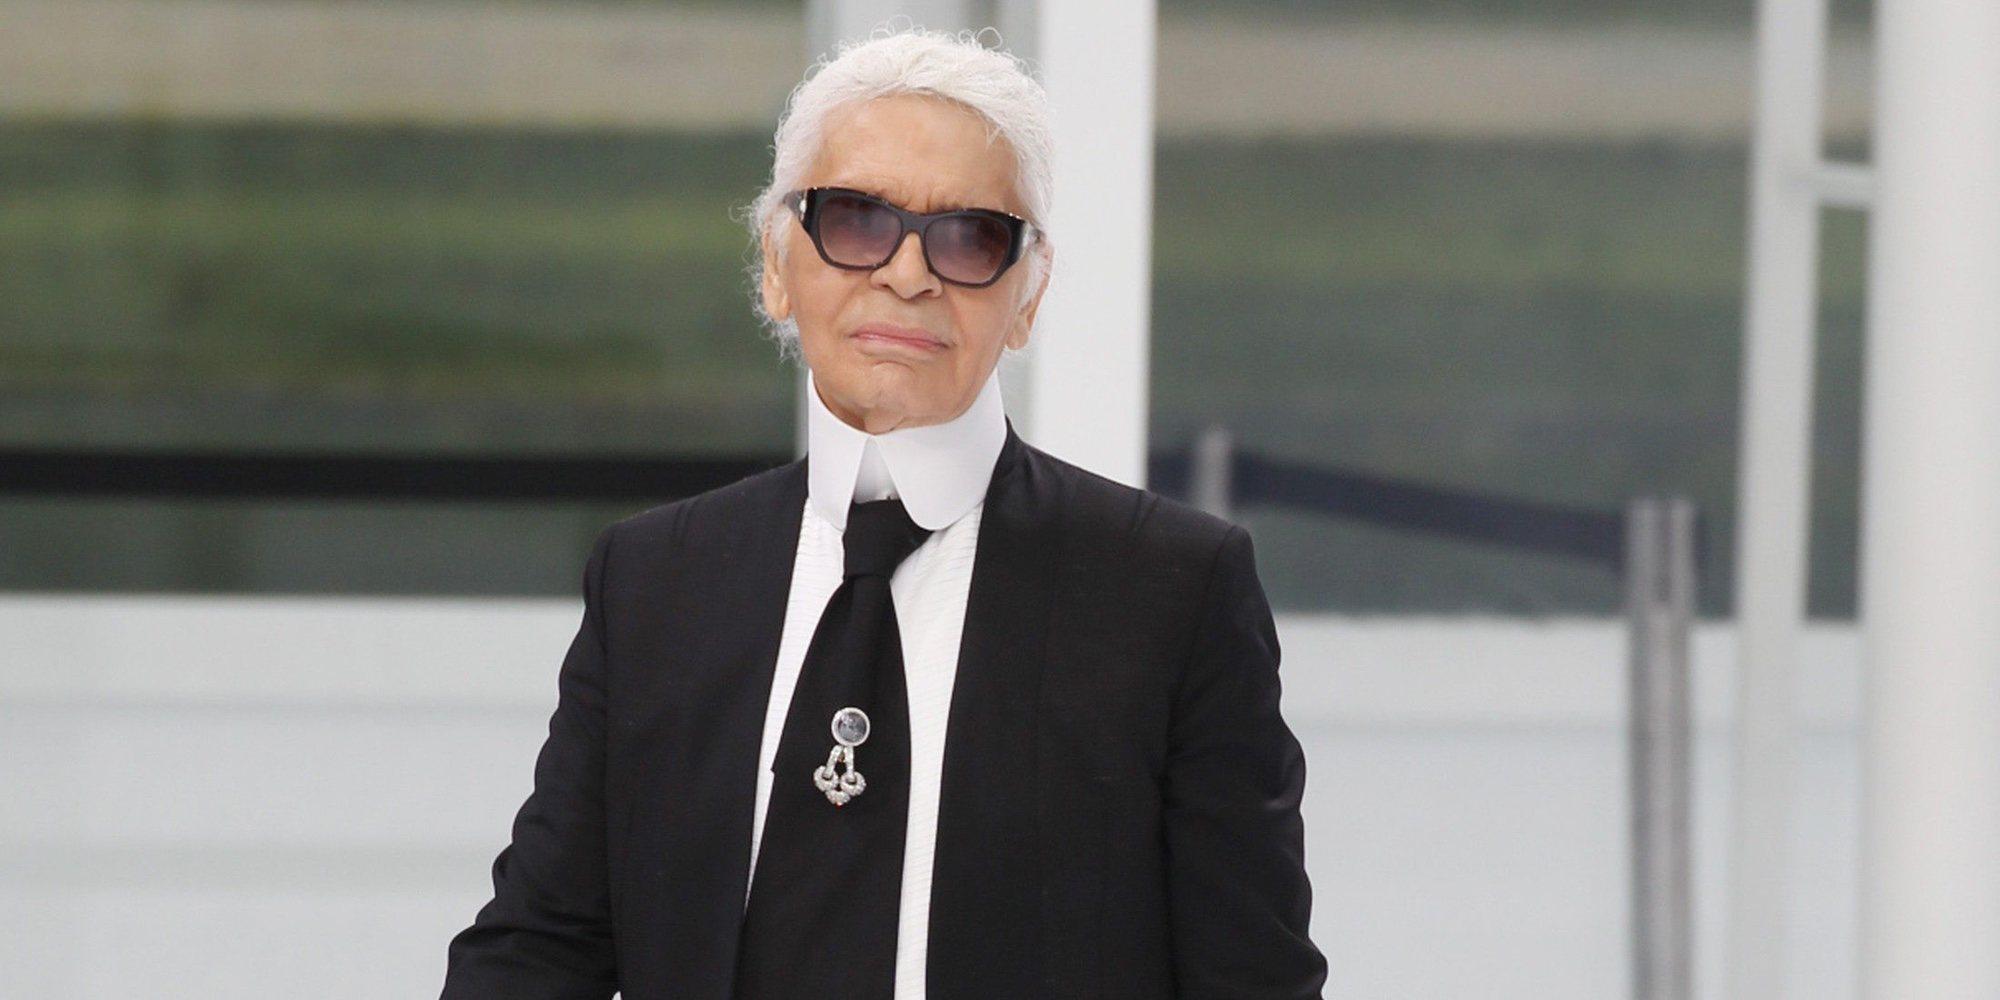 Reacciones a la muerte de Karl Lagerfeld, el káiser de la moda